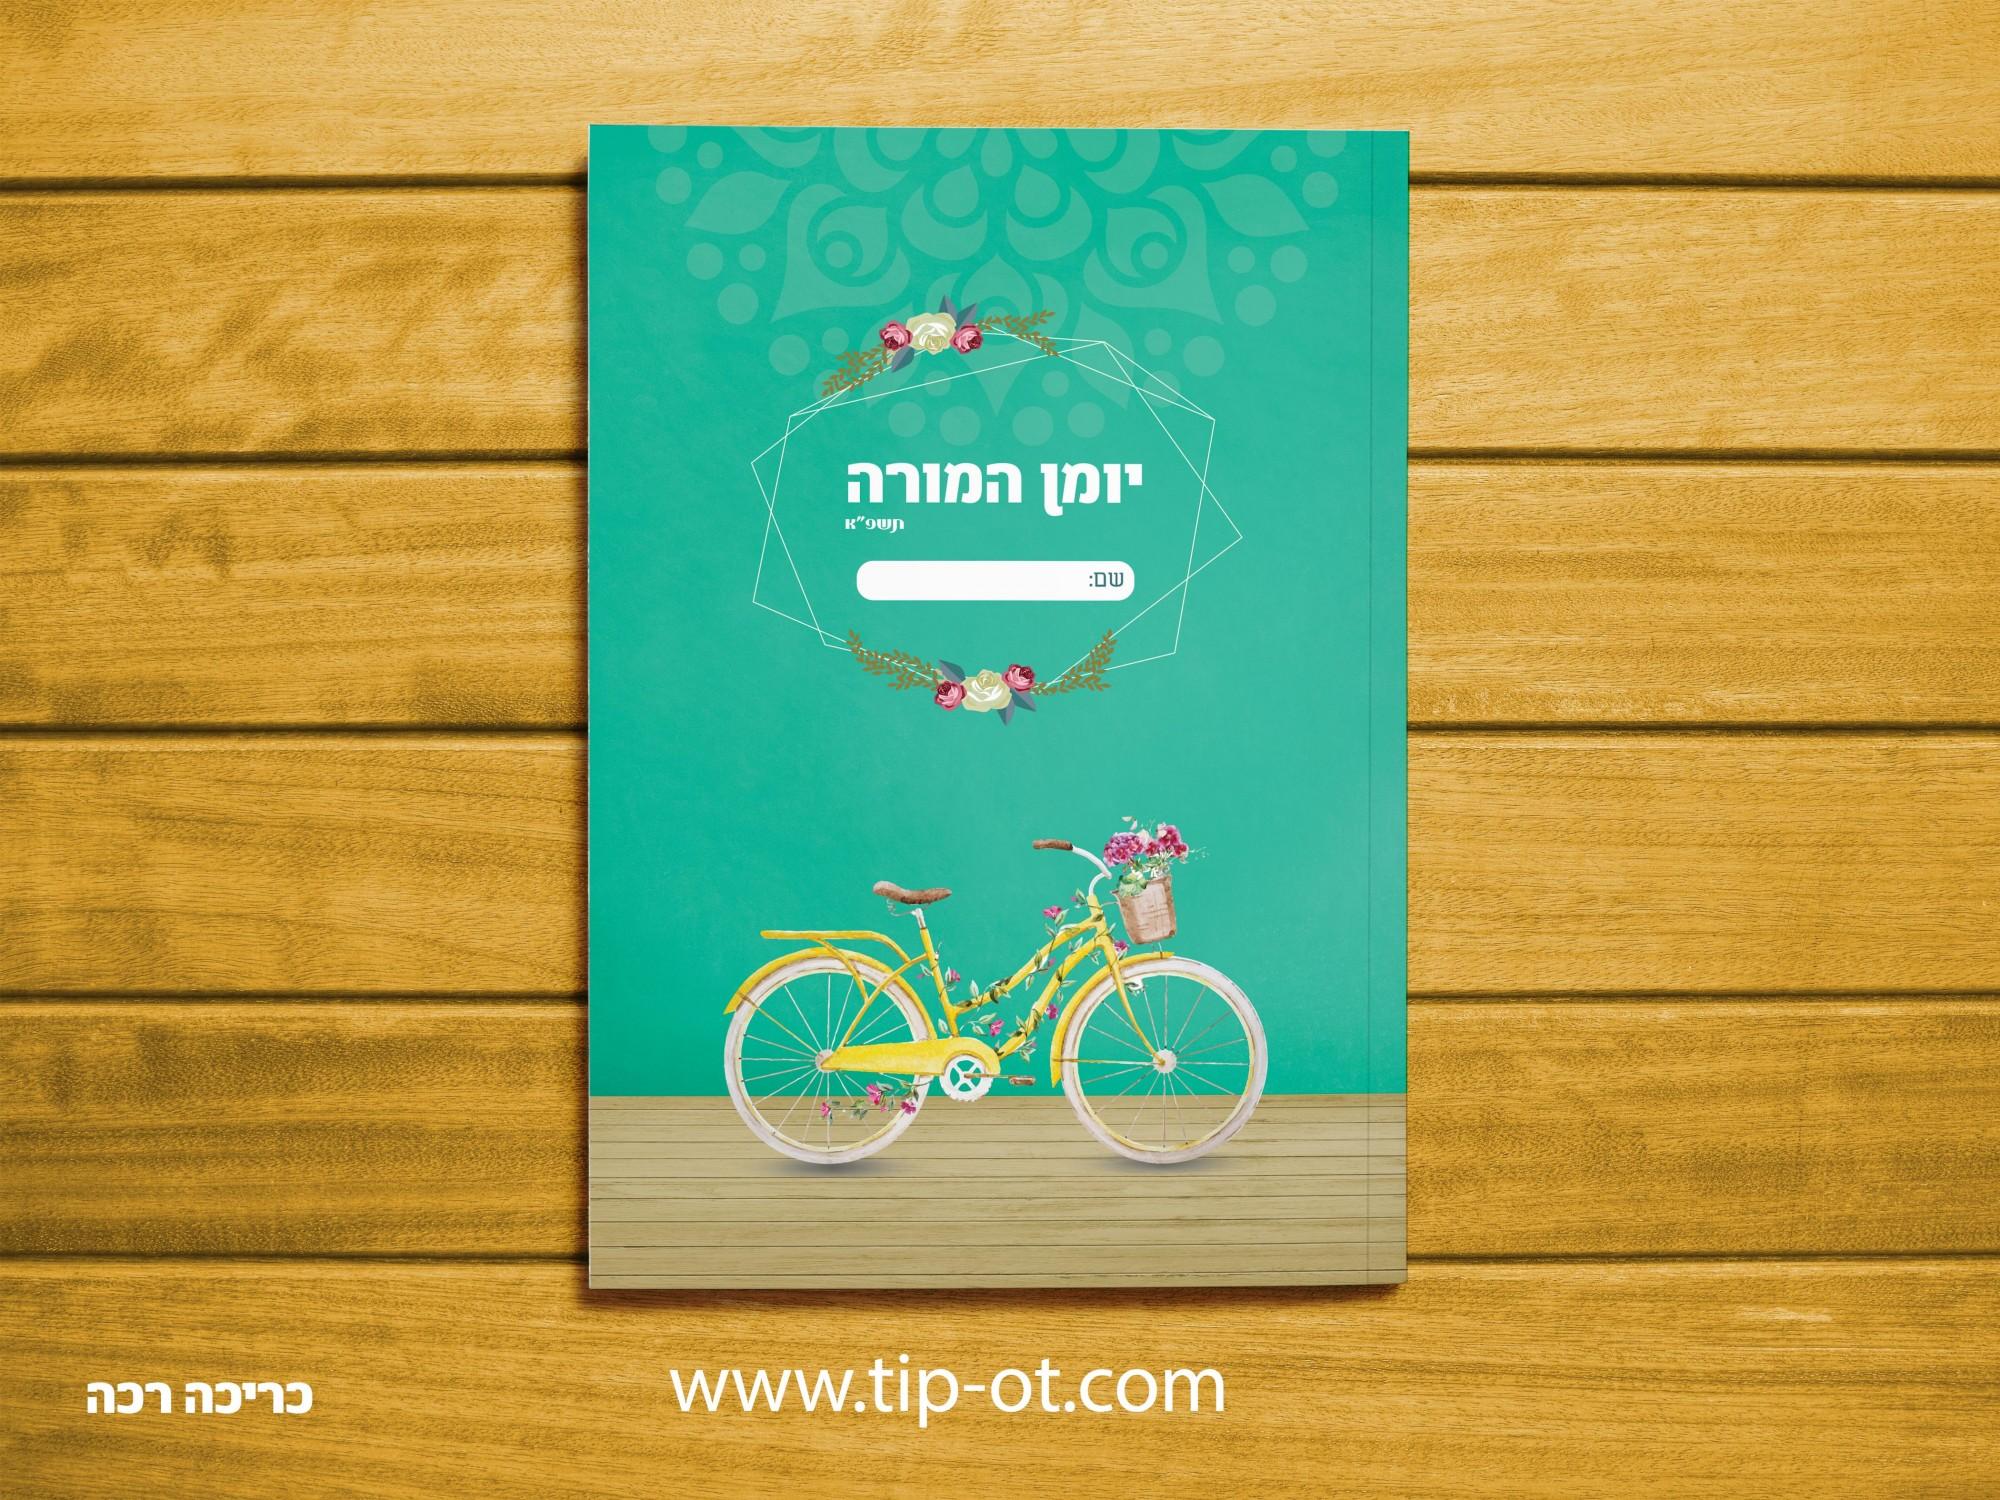 אופניים- אזל במלאי